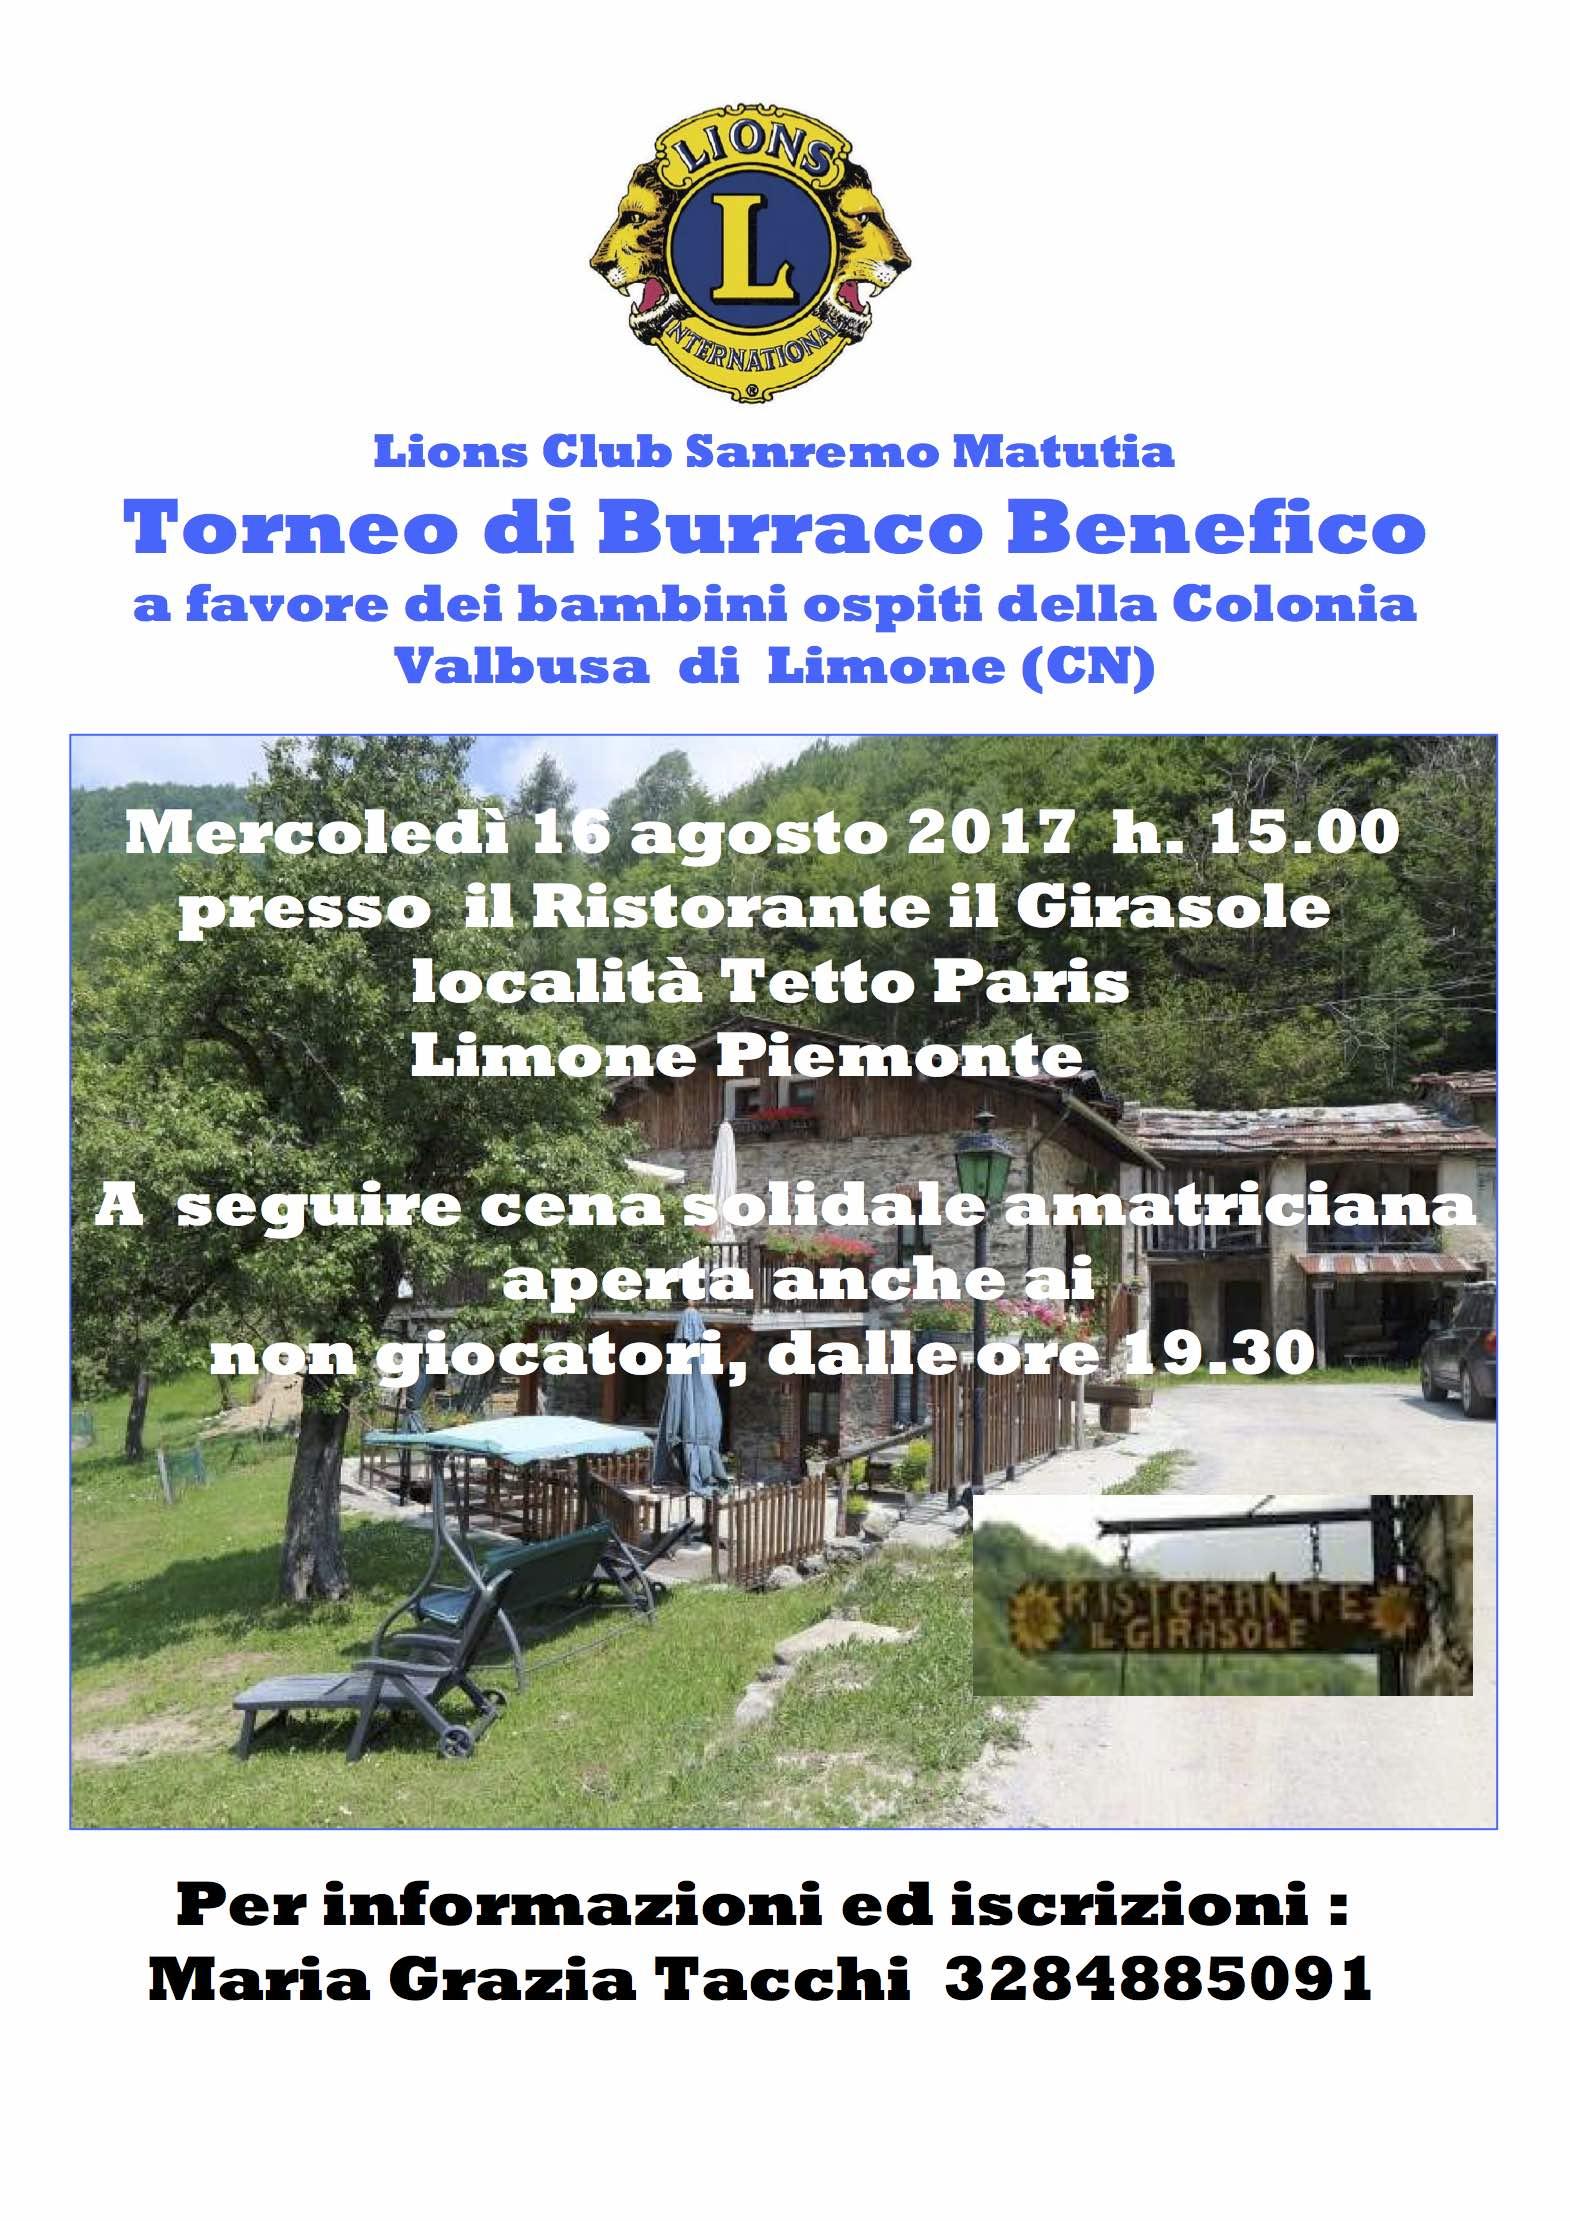 locandina burraco limone 2017